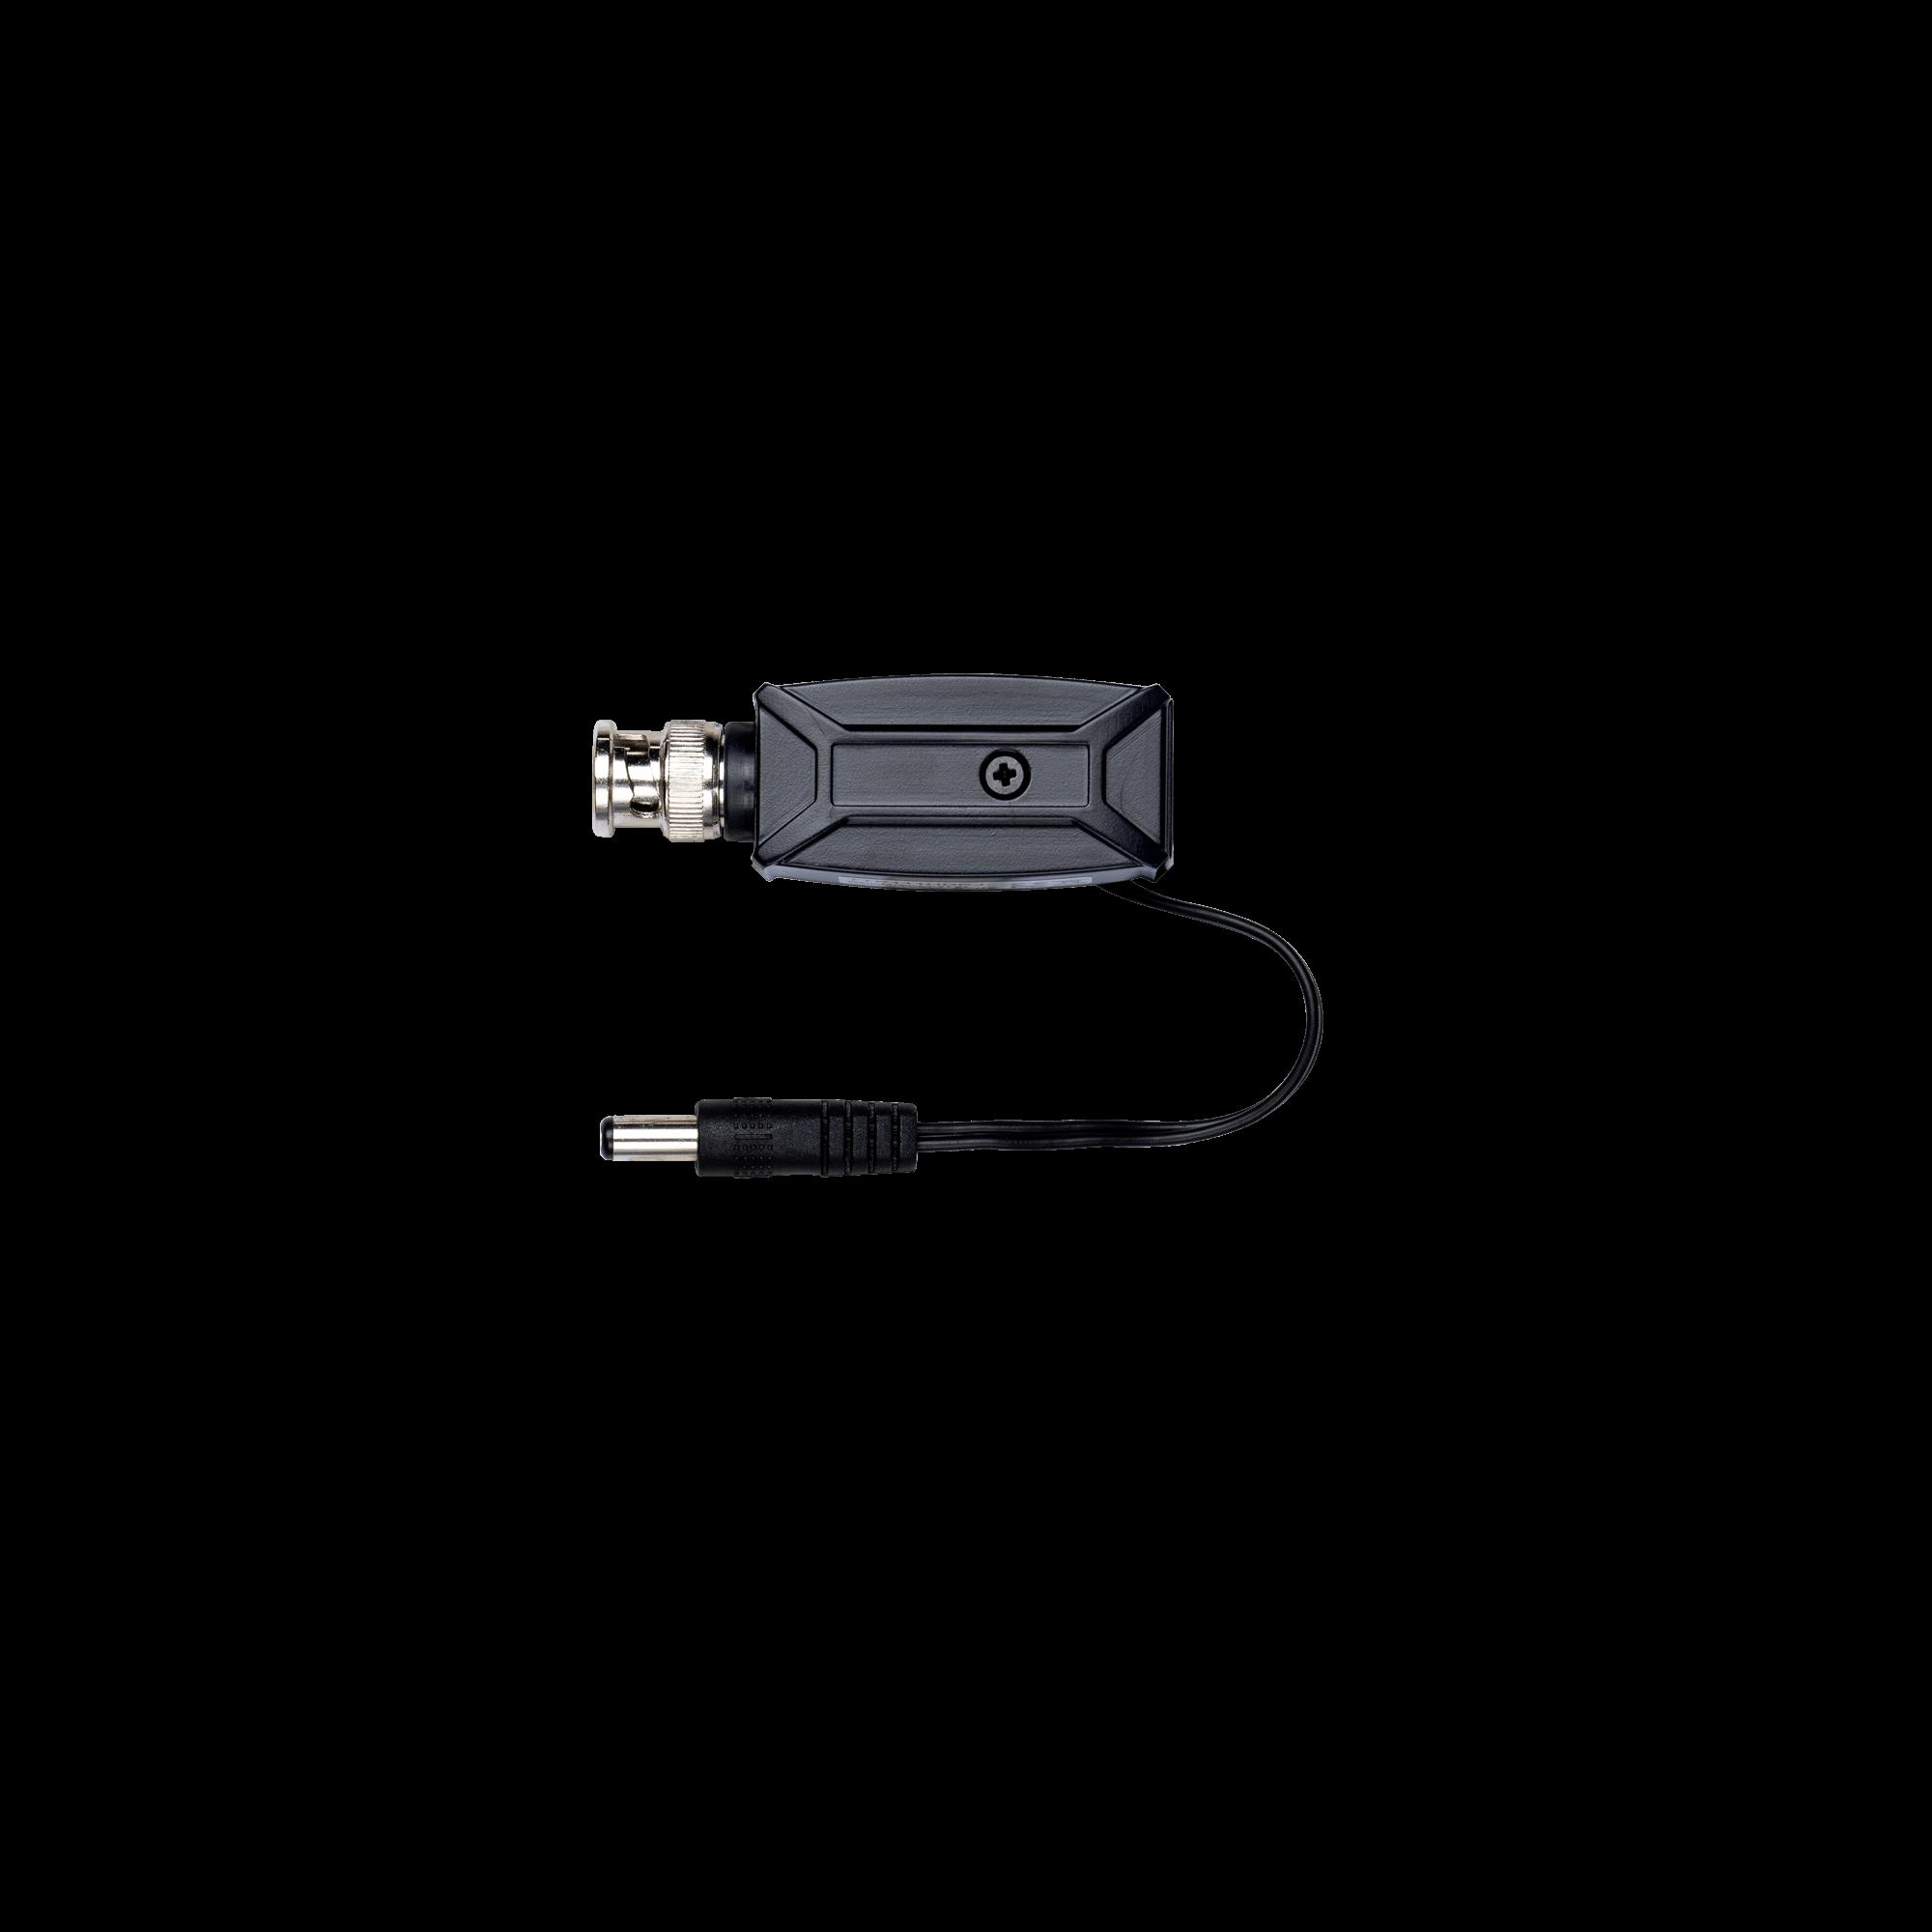 HD-TVI/AHD/HDCVI/CVBS Video & Power Balun